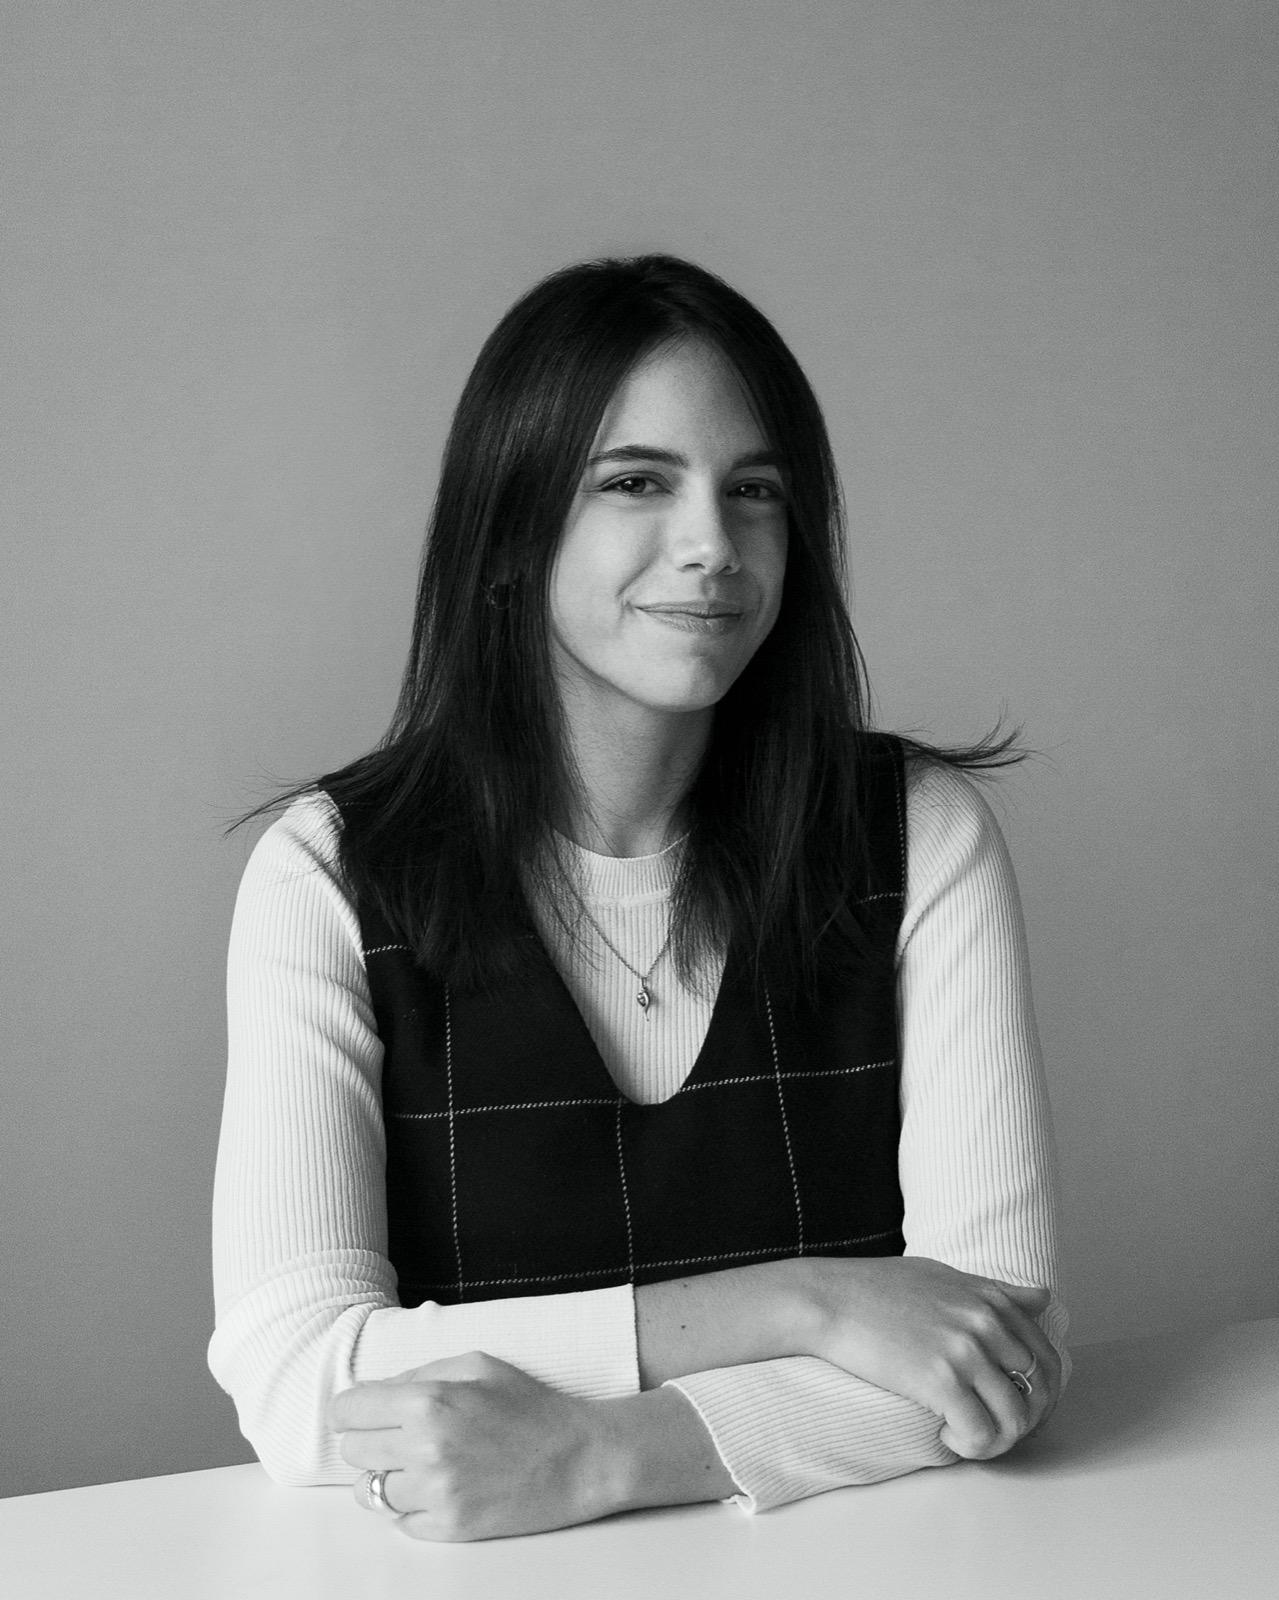 Carlotta Belluzzi Mus